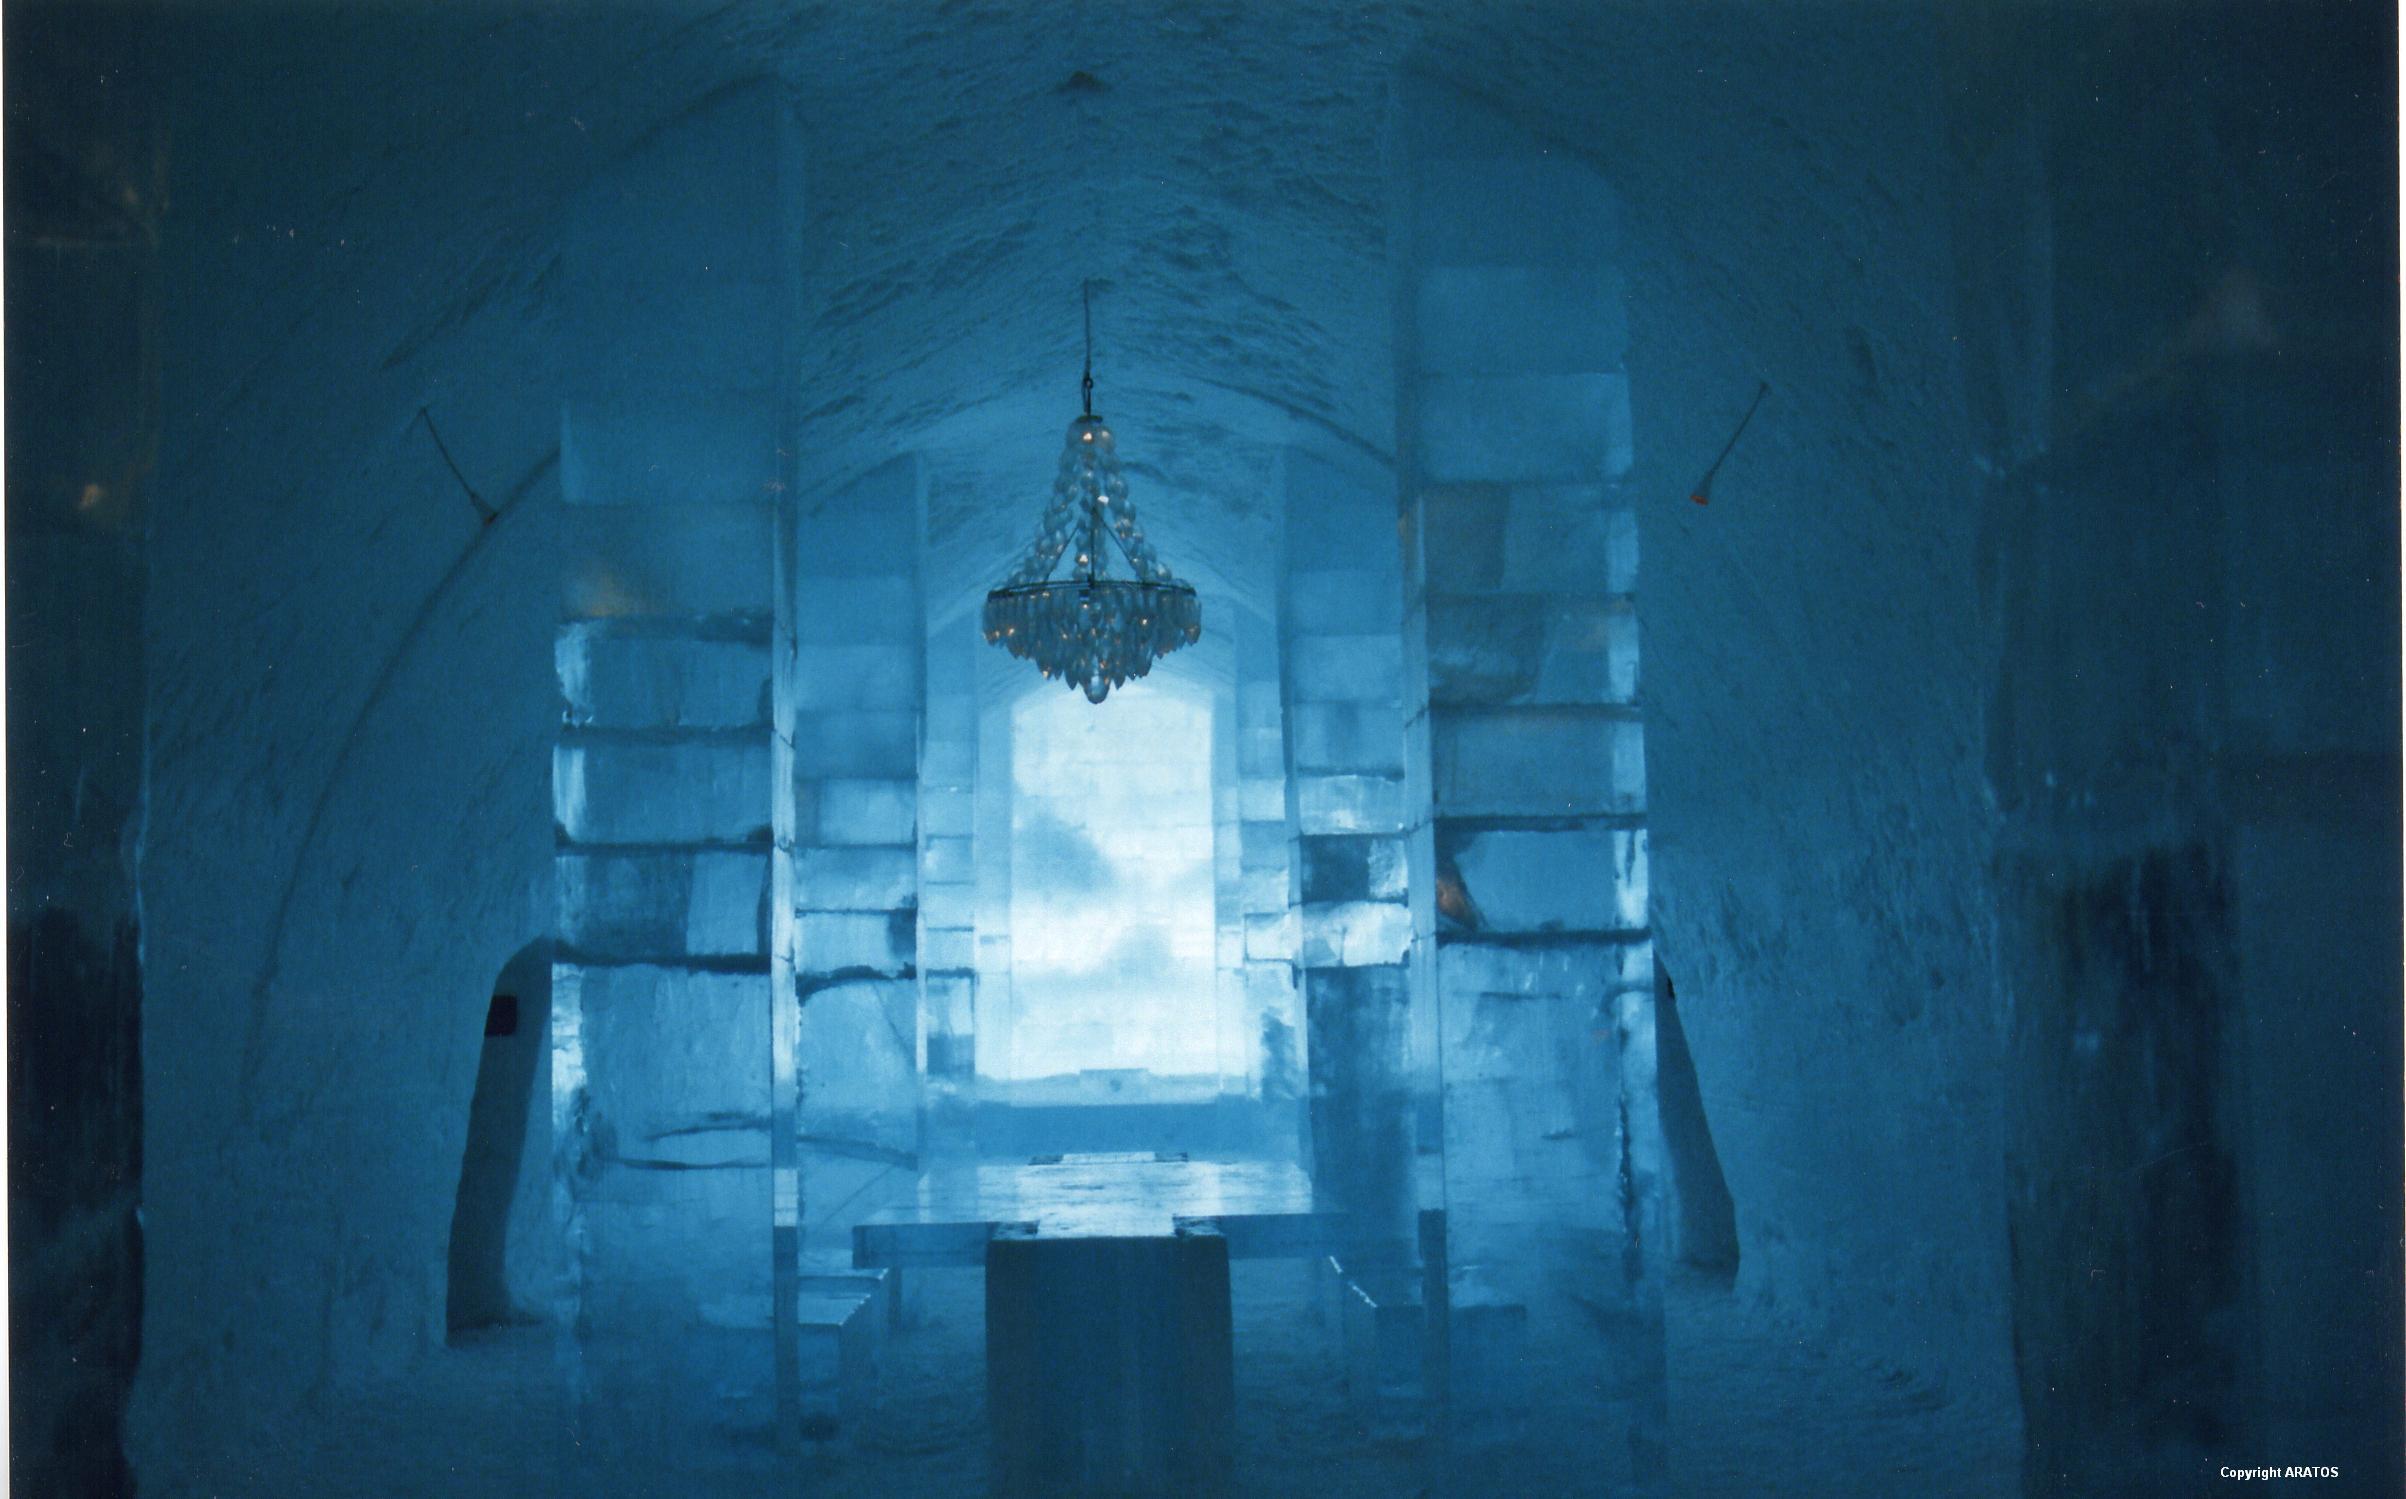 Kronleuchter aus Eis